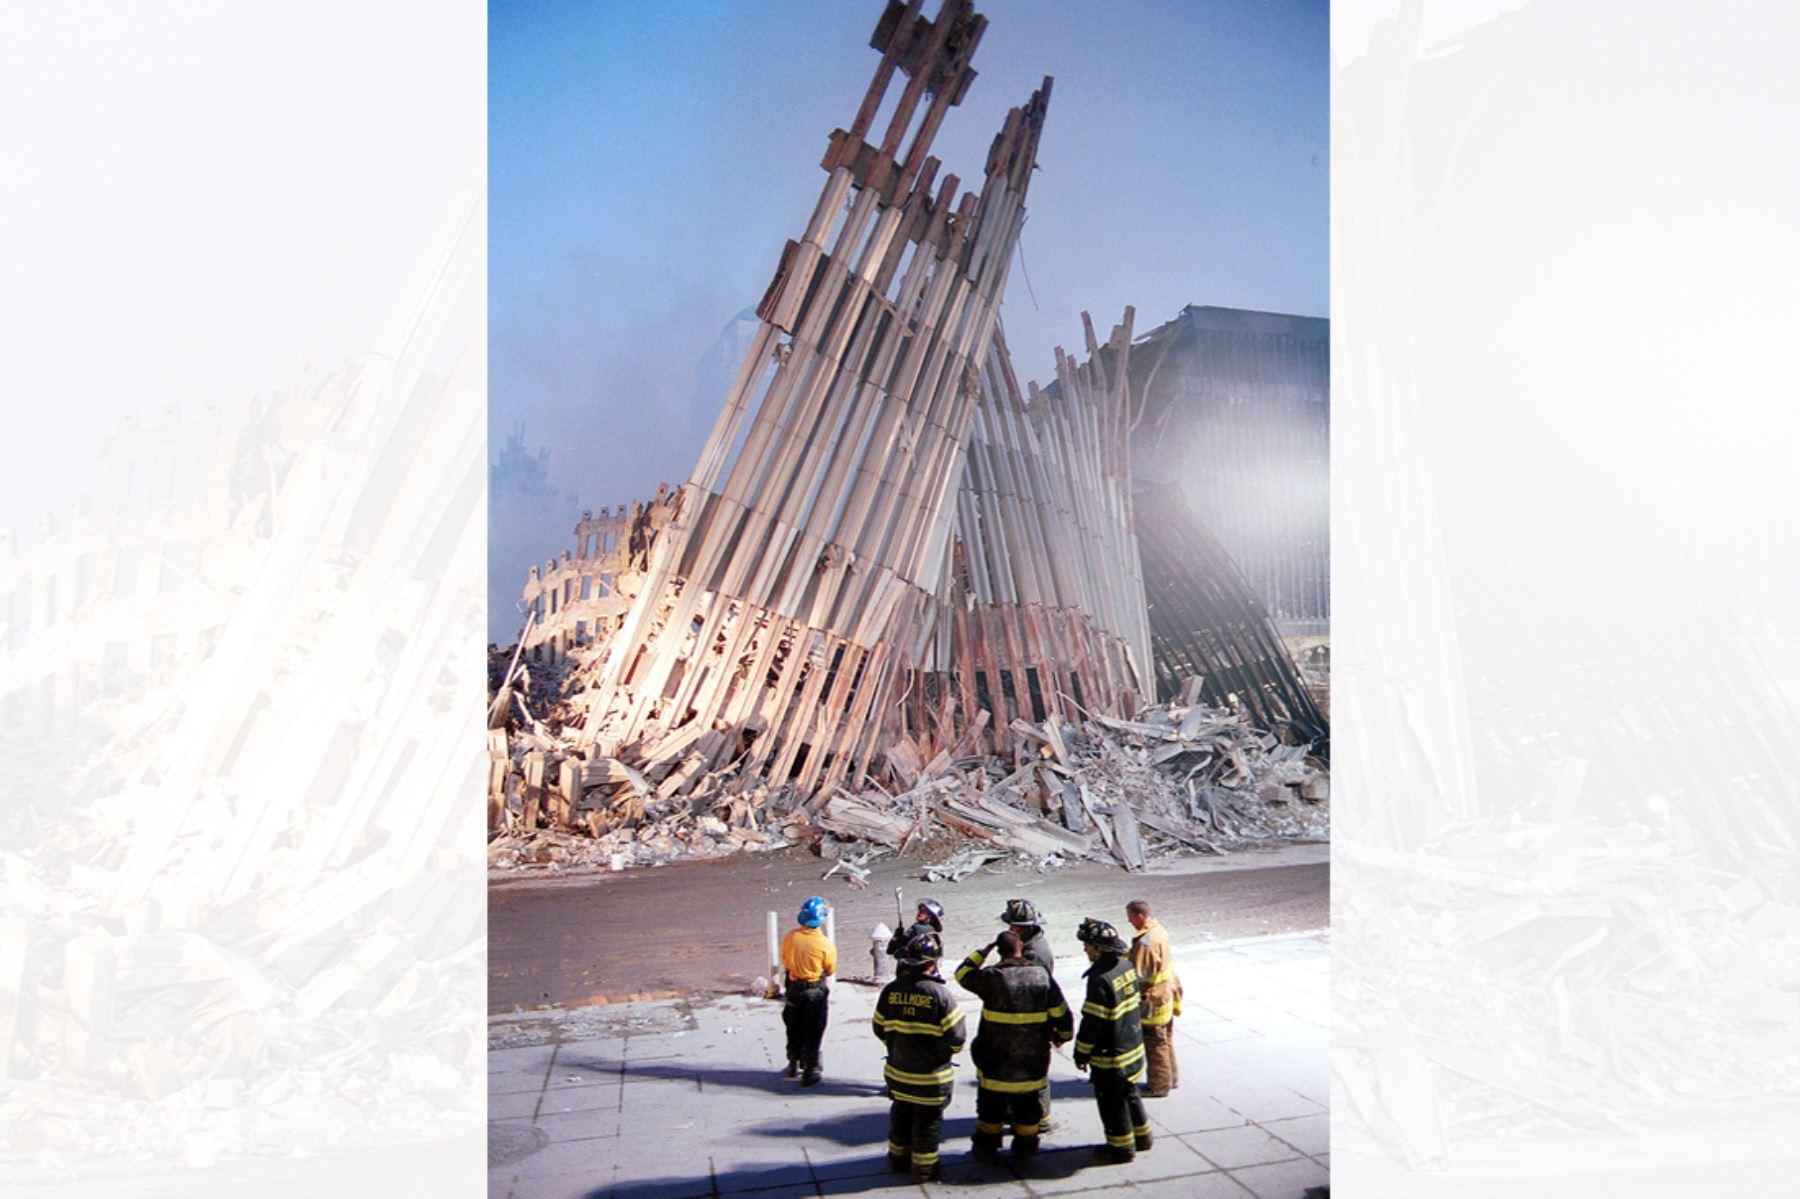 Los bomberos de la ciudad de Nueva York observan las ruinas del World Trade Center en la ciudad de Nueva York el 13 de setiembre de 2001. Foto: AFP